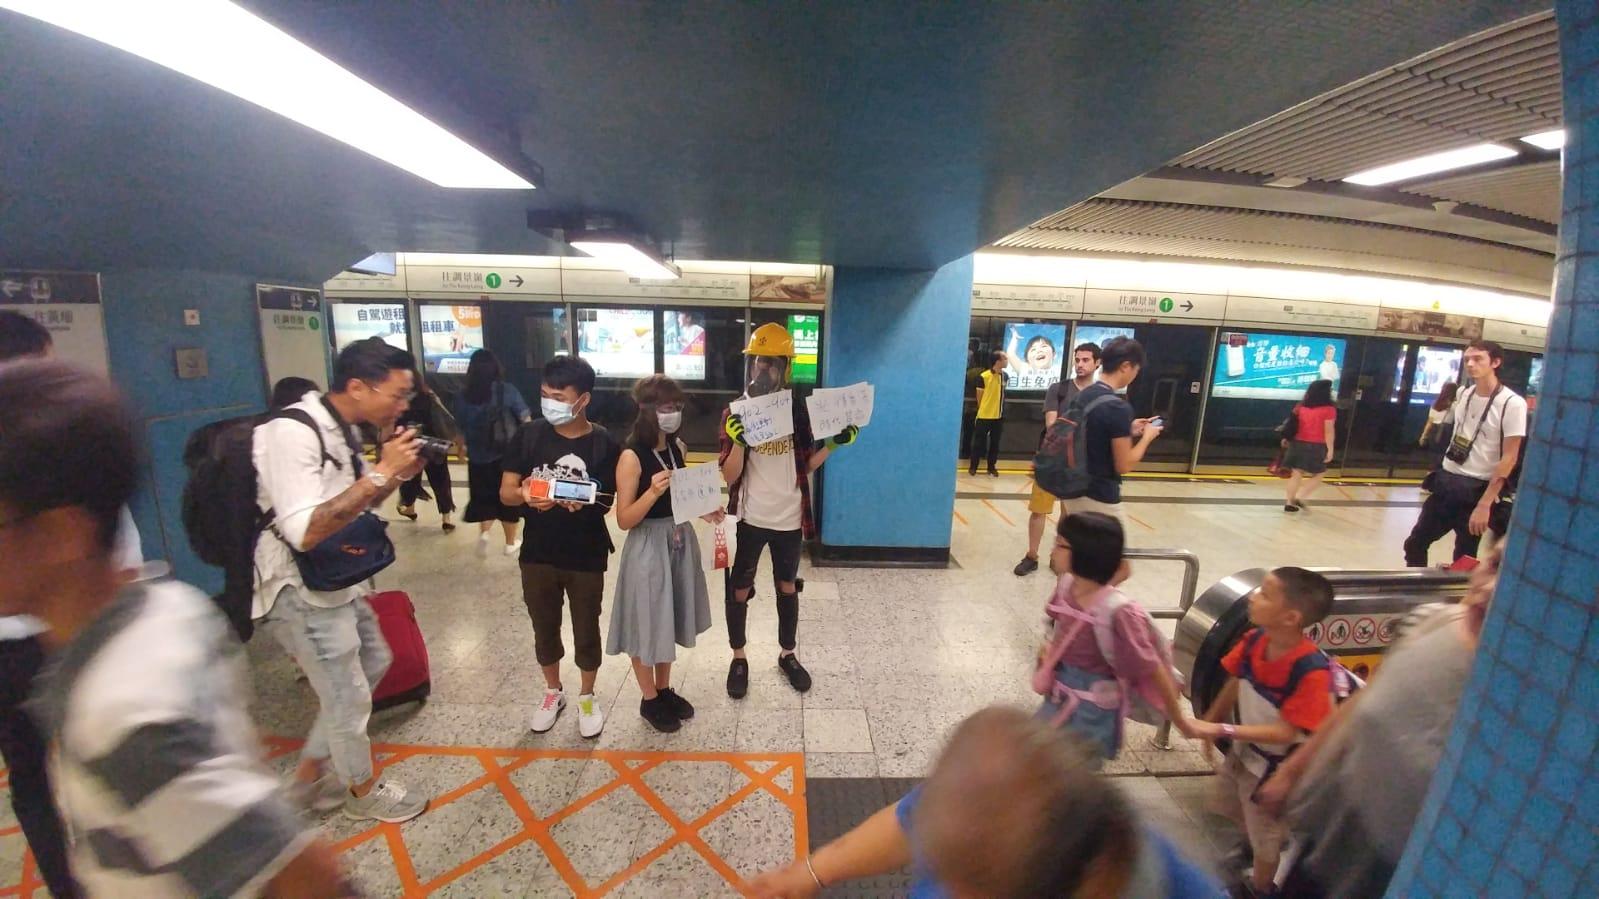 有年輕人在站內向乘客展示寫有「毋忘元朗721」、「五大訴求,缺一不可」的標語。